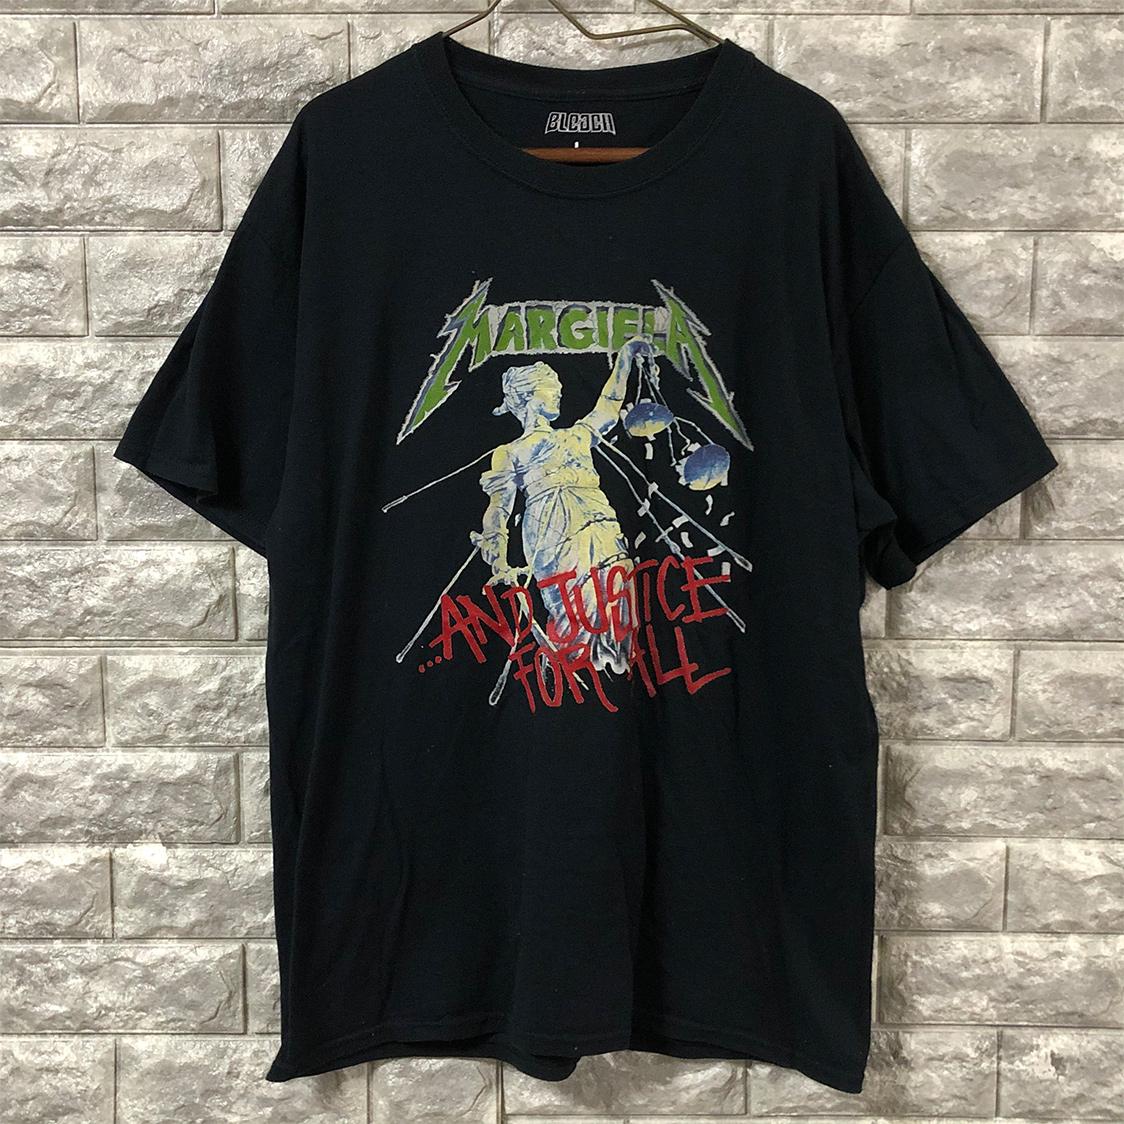 BLEACH ブリーチ 【Lサイズ】 パロディ Tシャツ バンドtee バックプリント ブラック メタリカ マルジェラ